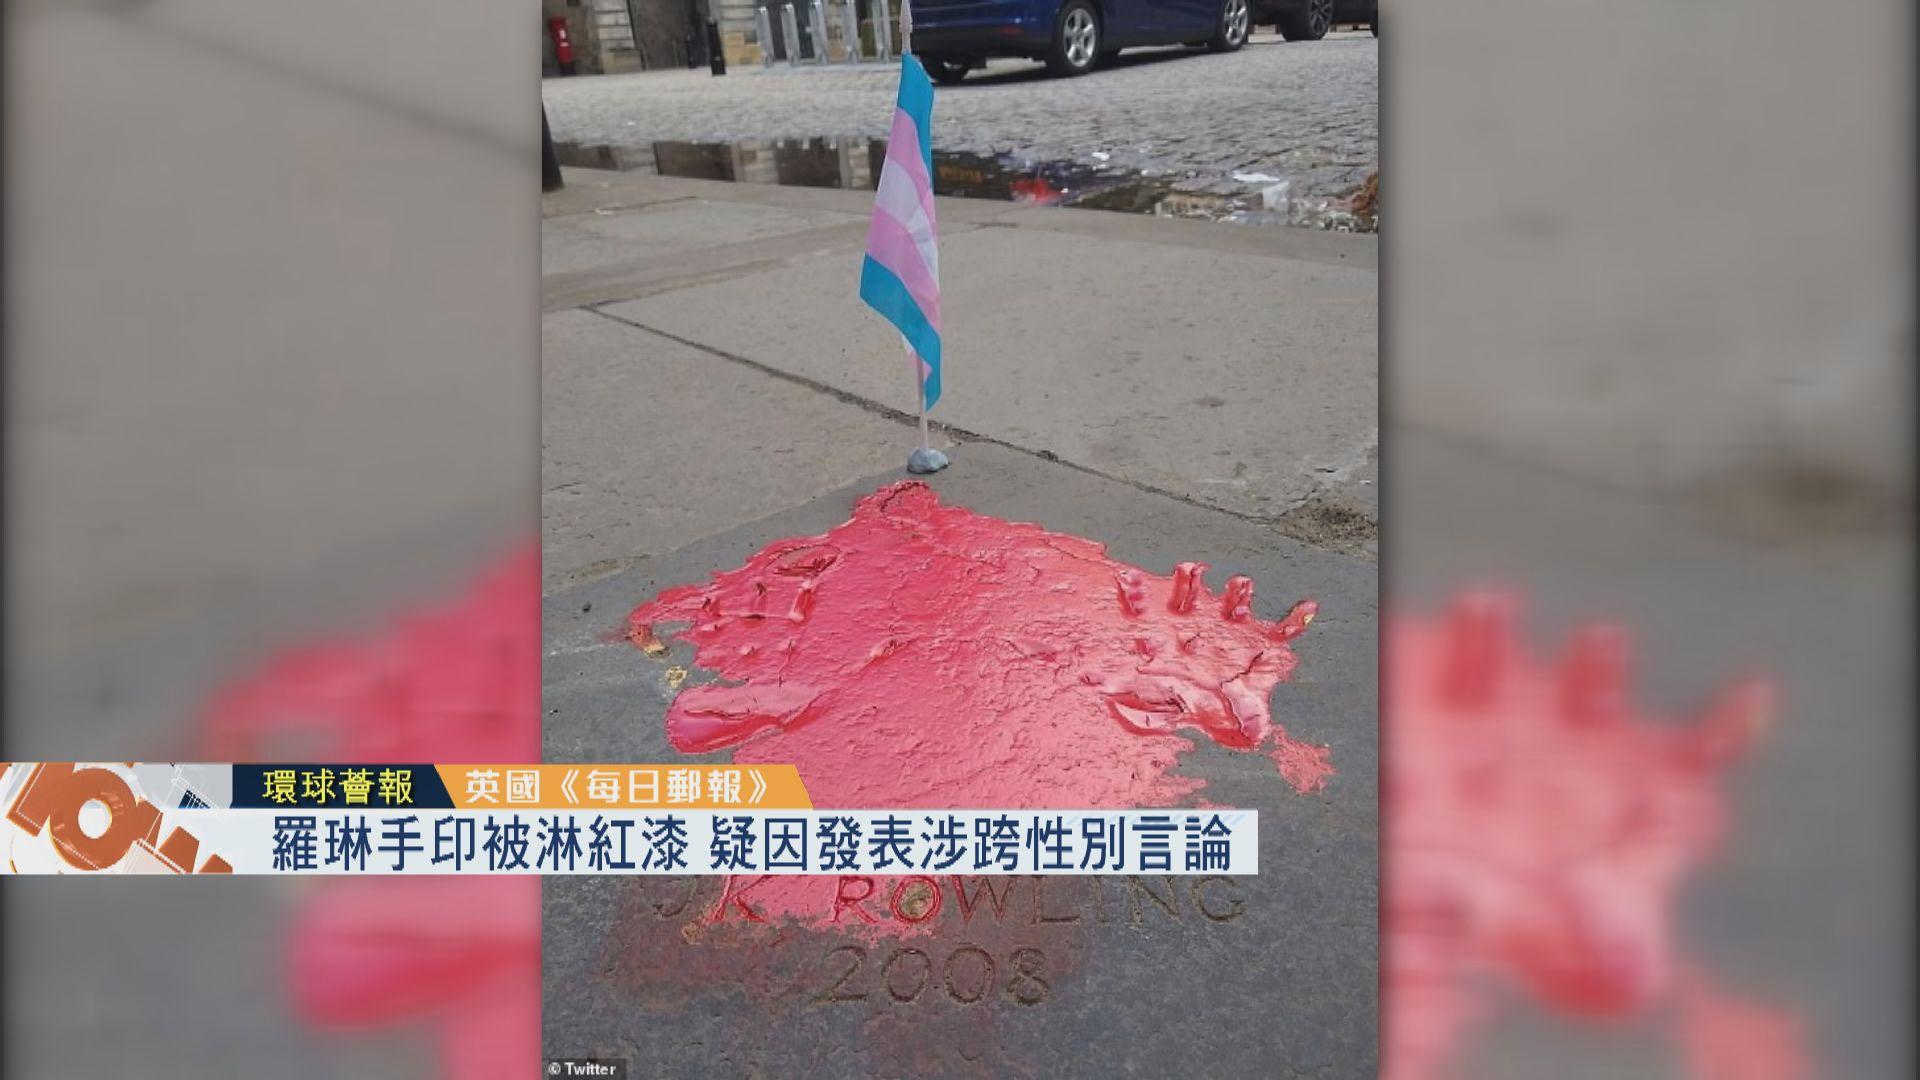 【環球薈報】羅琳手印被淋紅漆 疑因發表涉跨性別言論